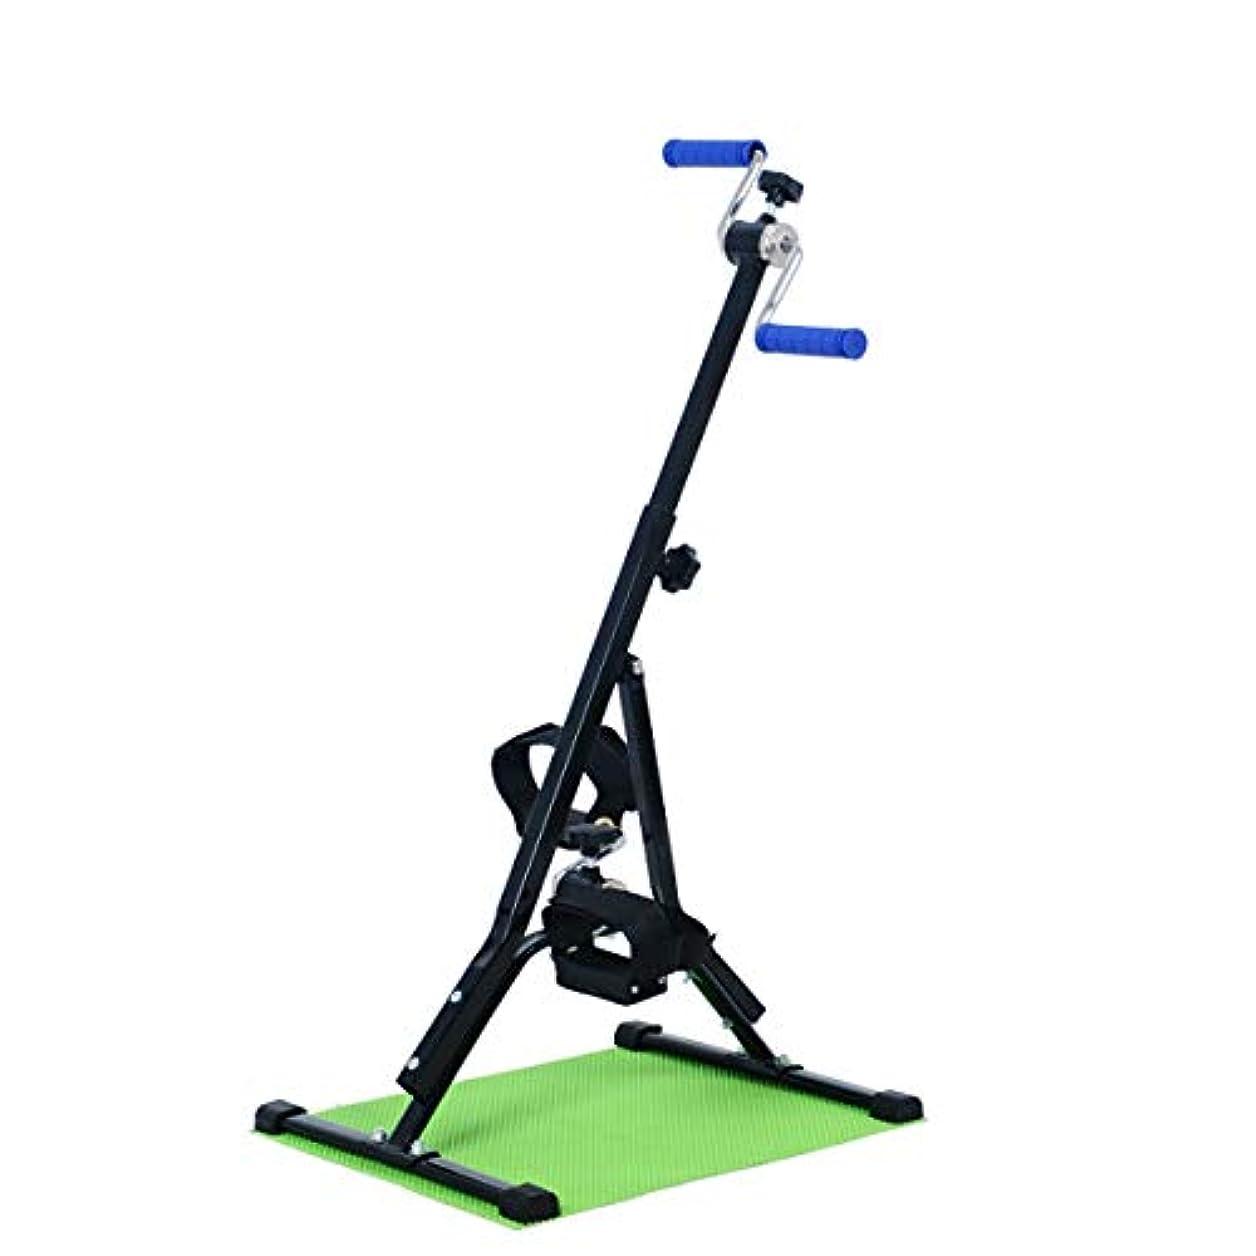 木外国人オリエンテーション上下肢トレーニング機器、ホームレッグアームペダルエクササイザー、高齢者リハビリテーションのための脳卒中片麻痺自転車ホーム理学療法フィットネスワークアウト,A